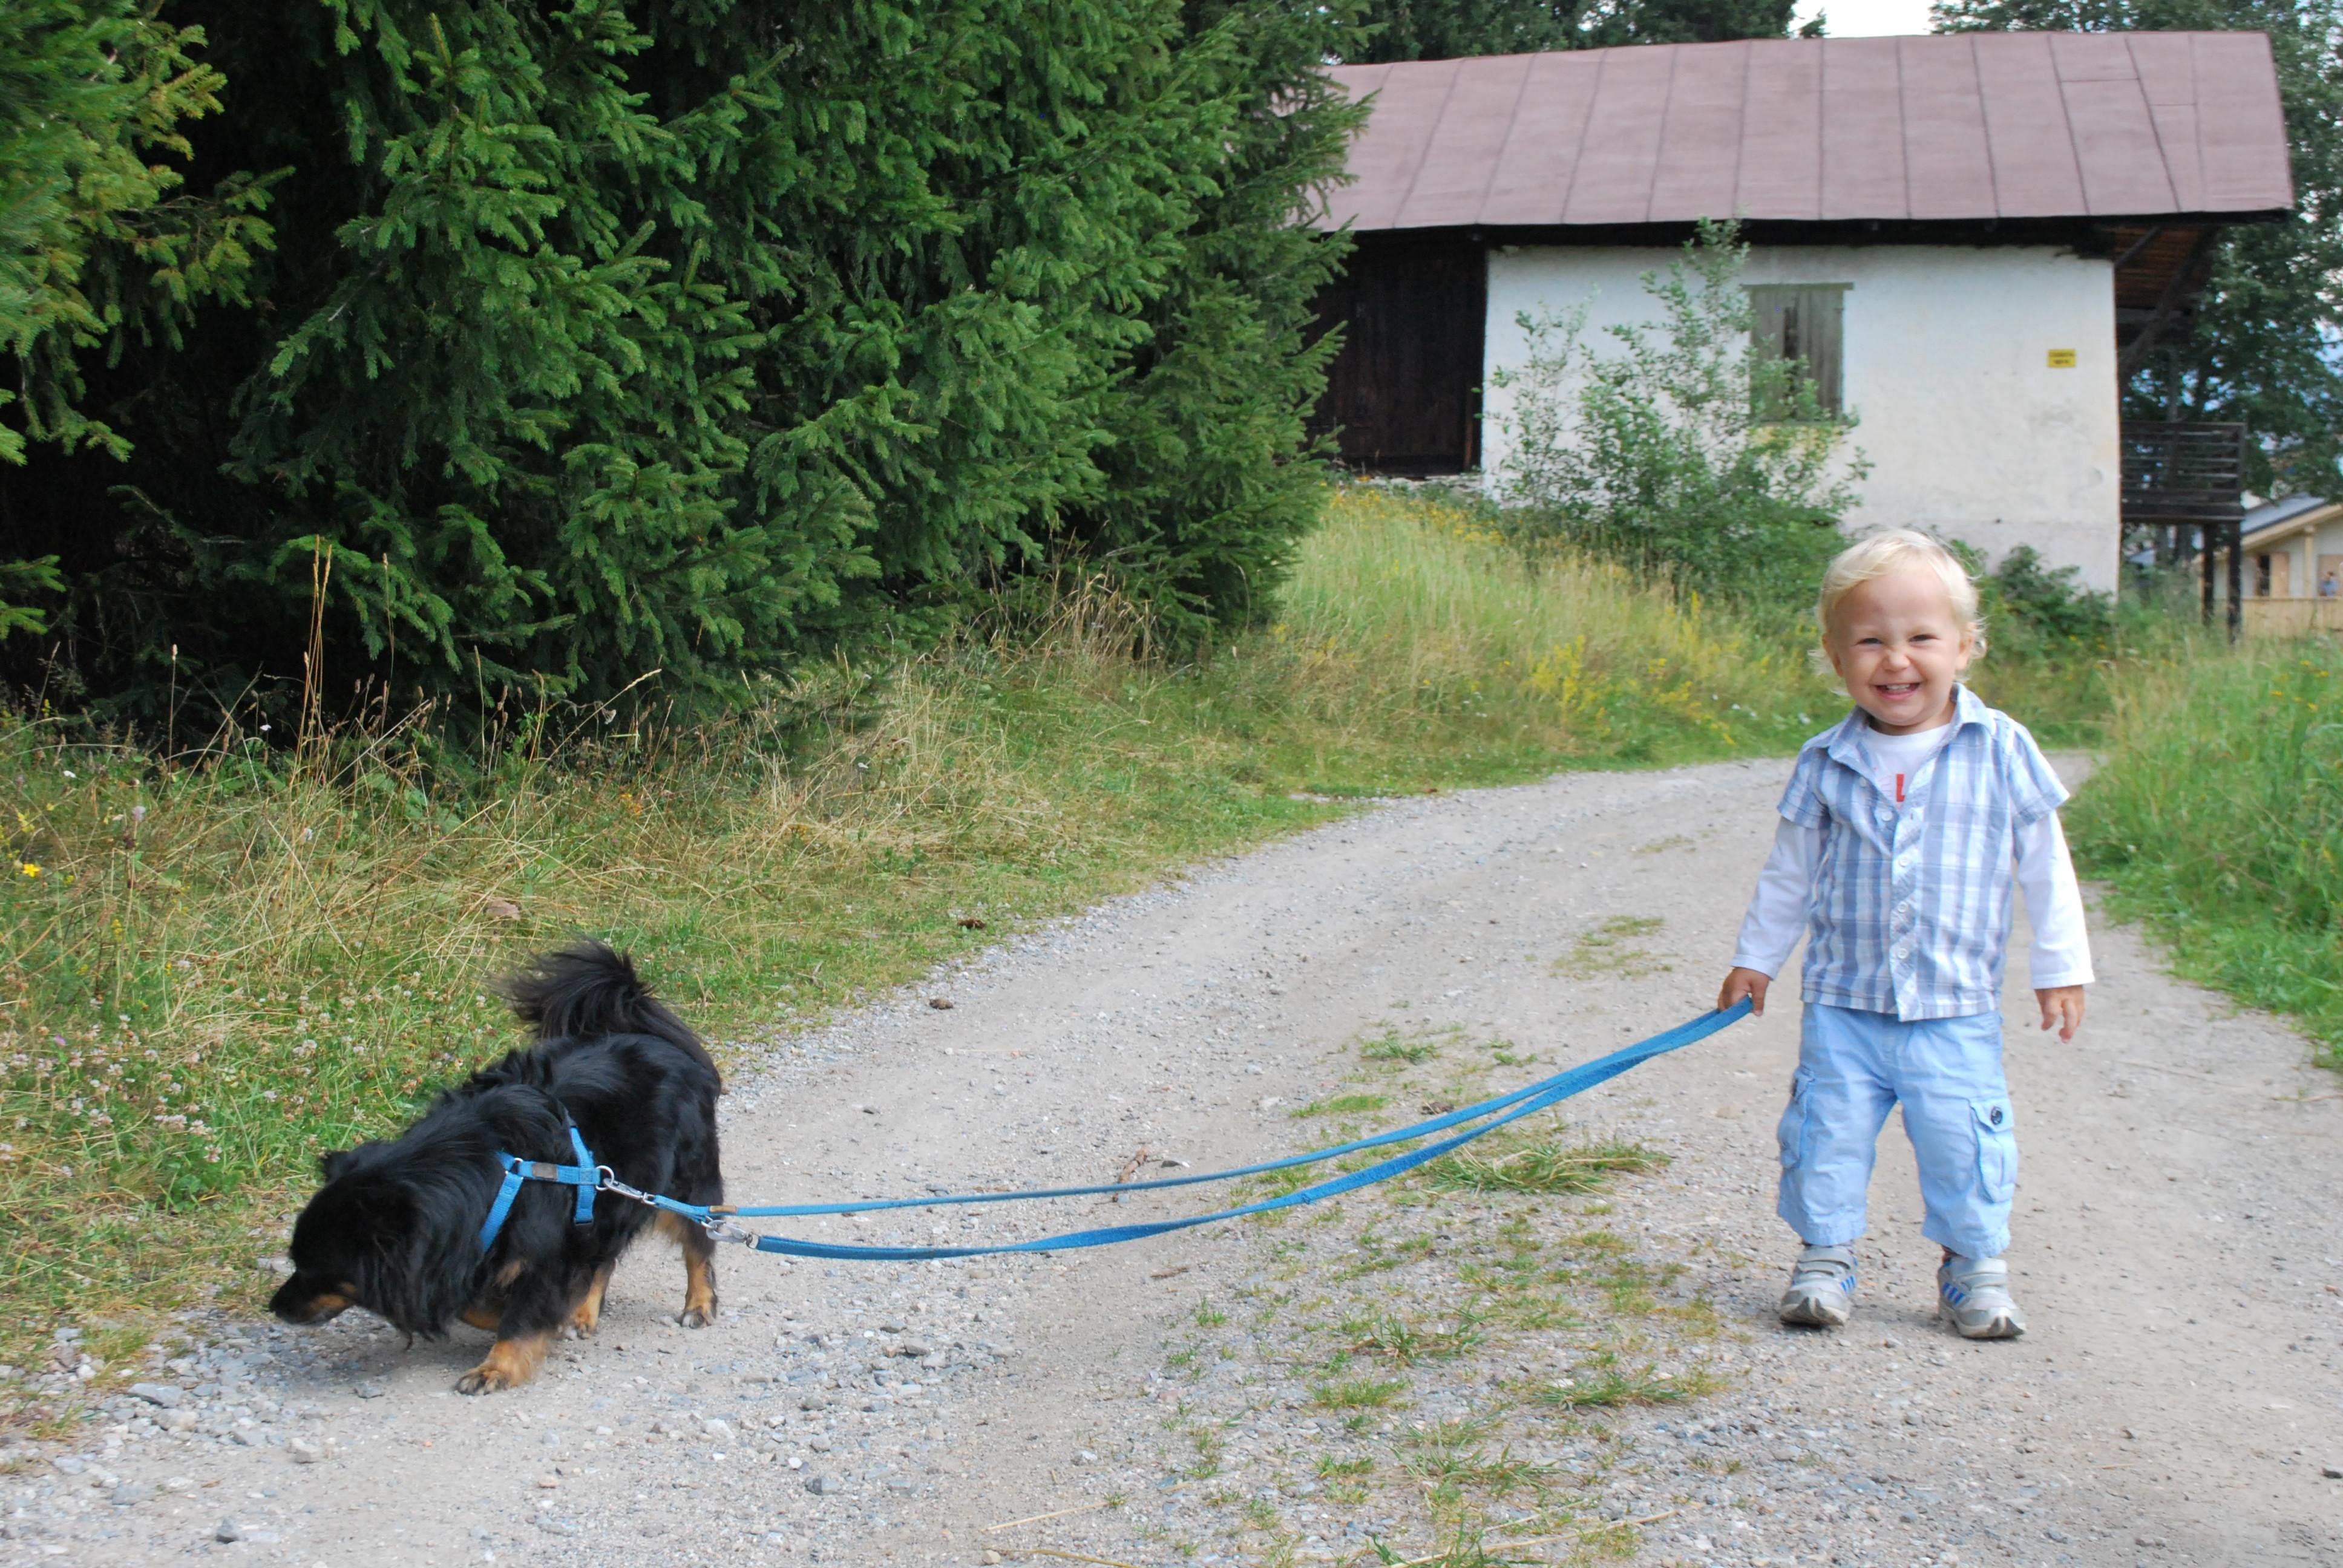 Un cane per Amico - Progetto didattico con l'Asilo BIM BUM BAM di Noventa Padovana